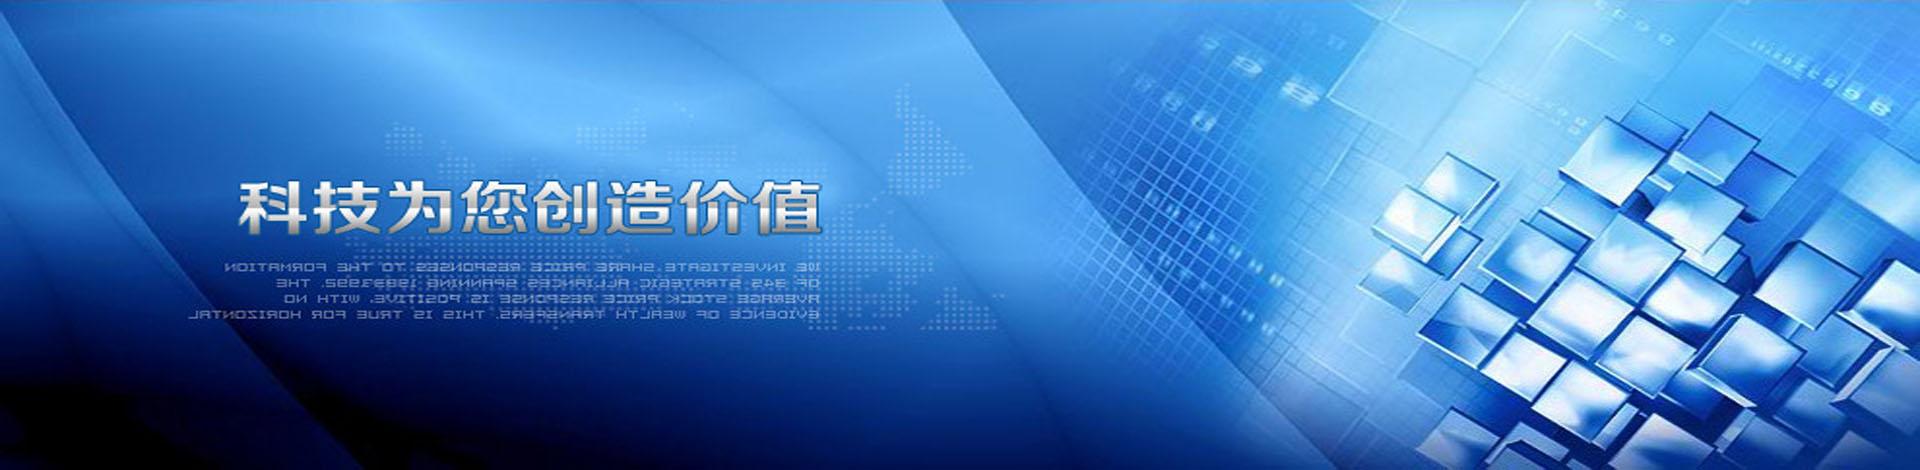 深圳市亿欣达电子有限公司